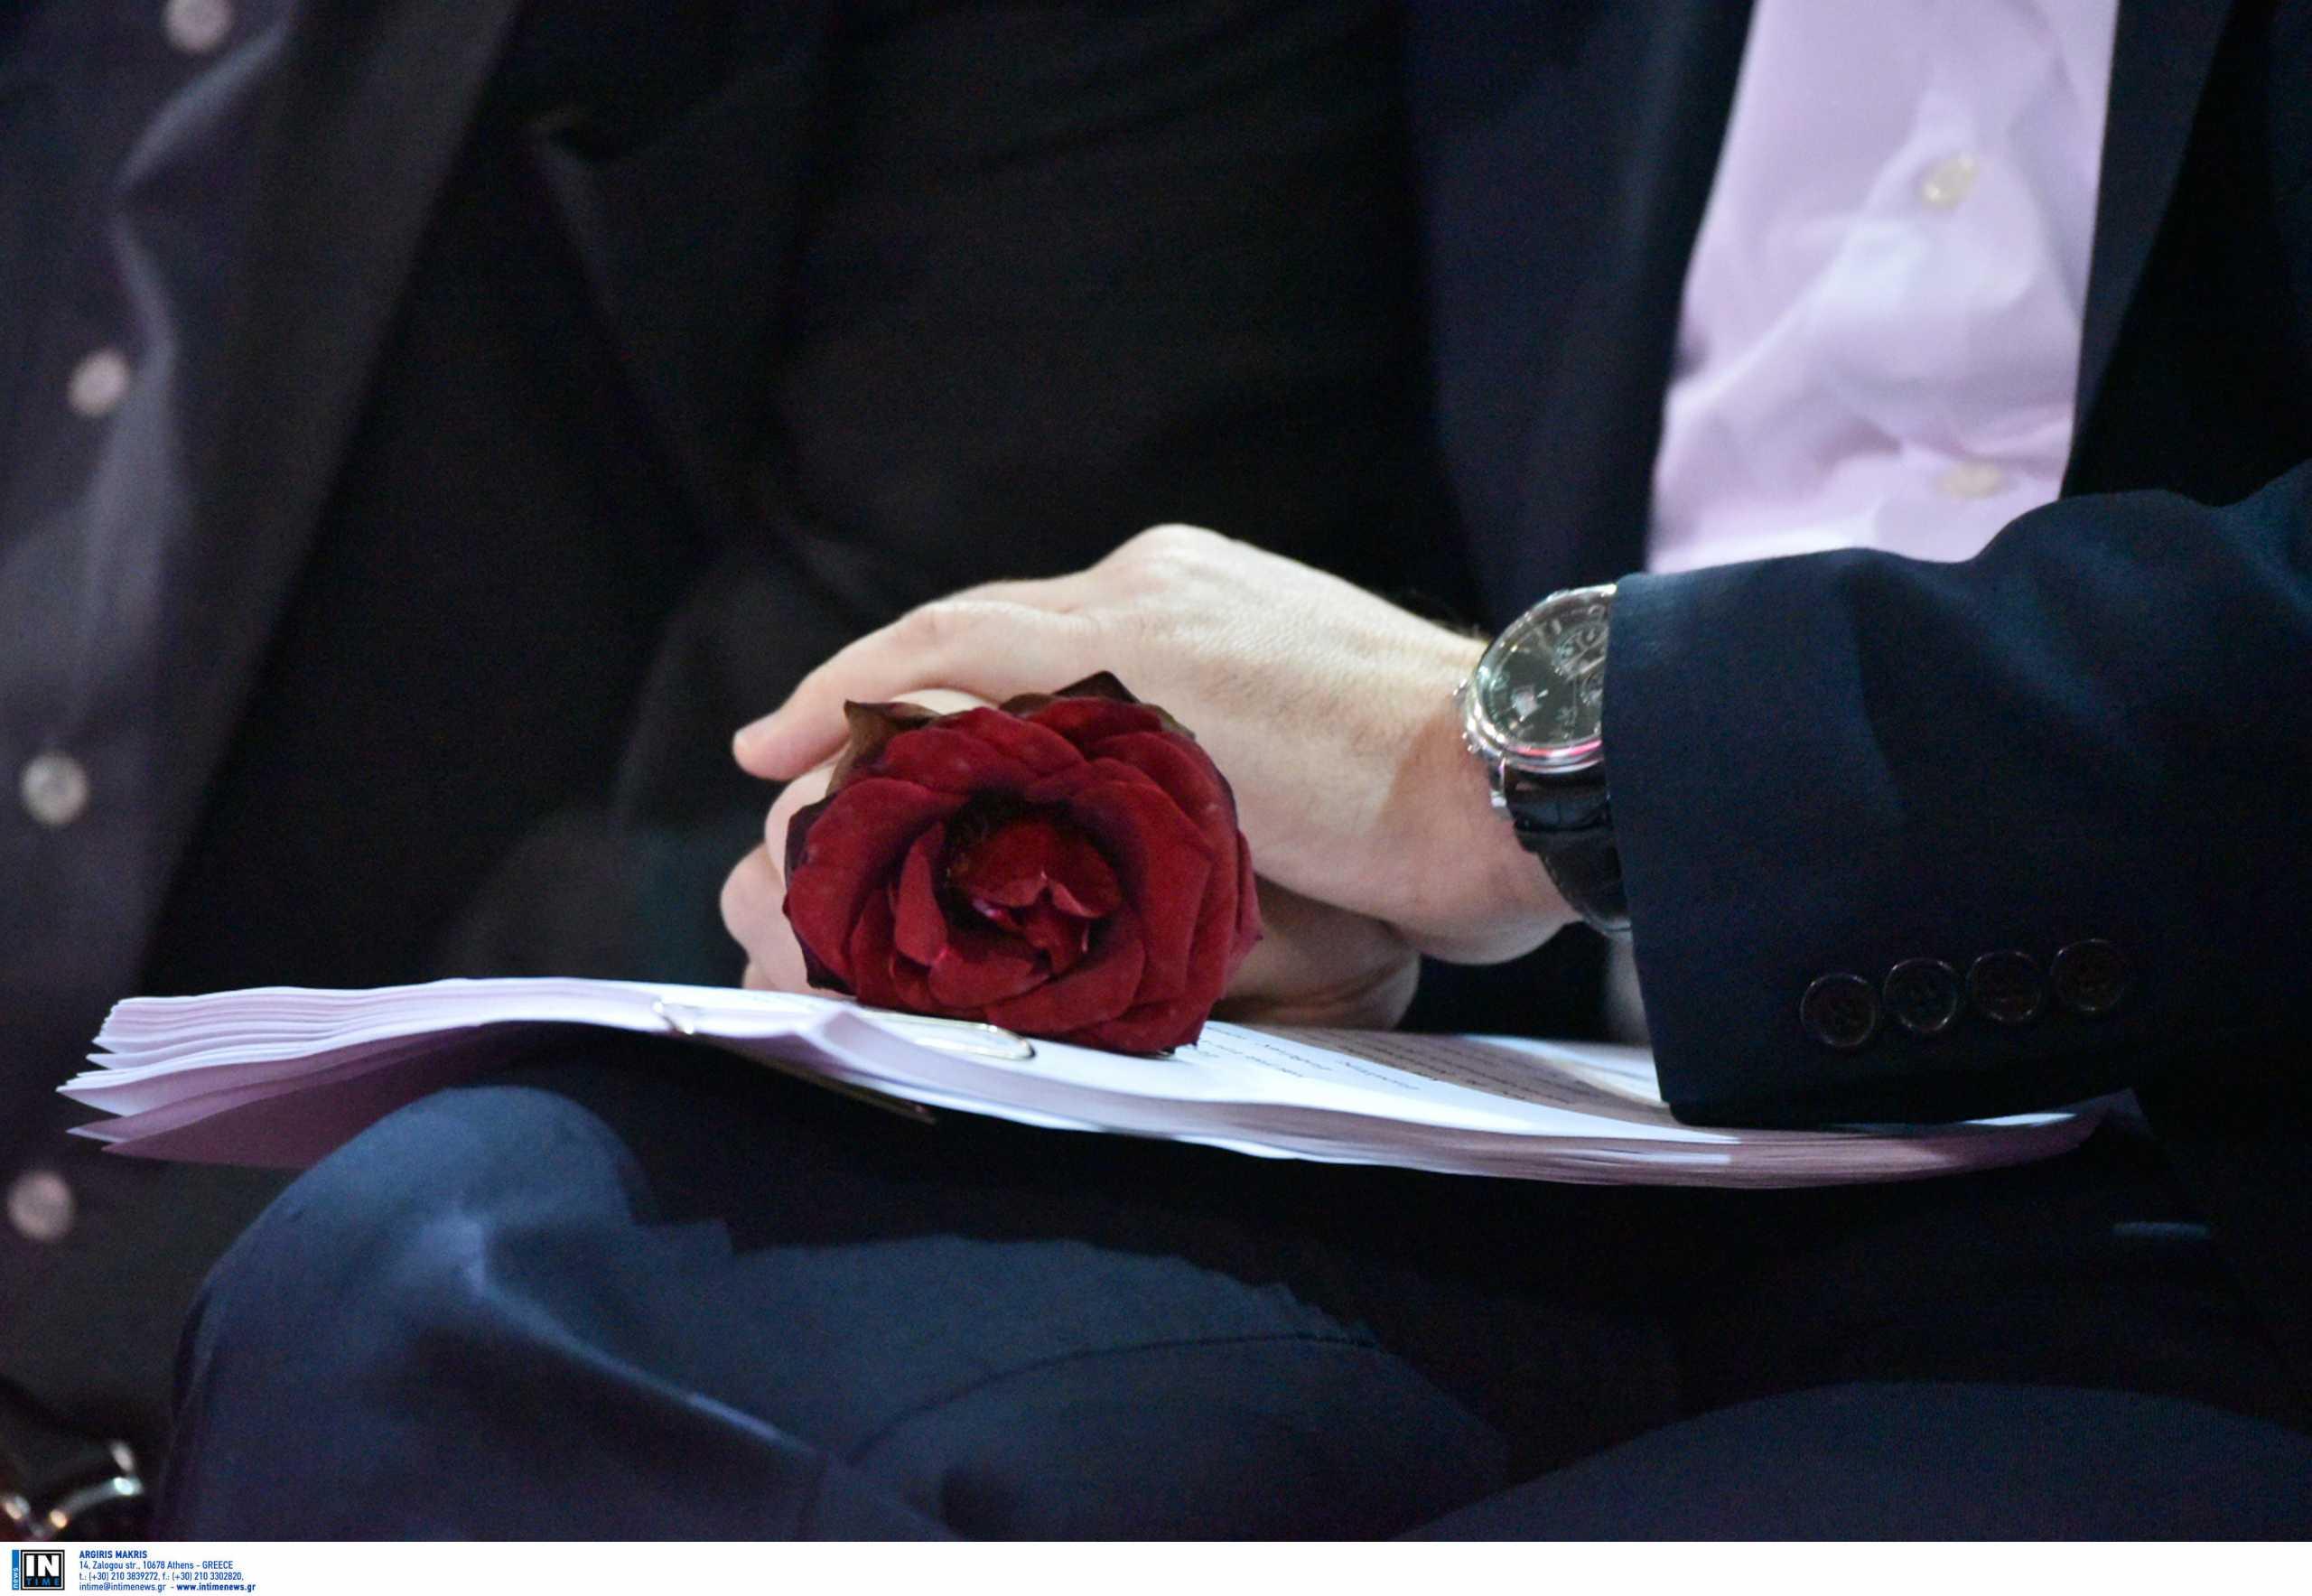 Πέθανε ο πρώην βουλευτής της ΝΔ Κώστας Καραμηνάς